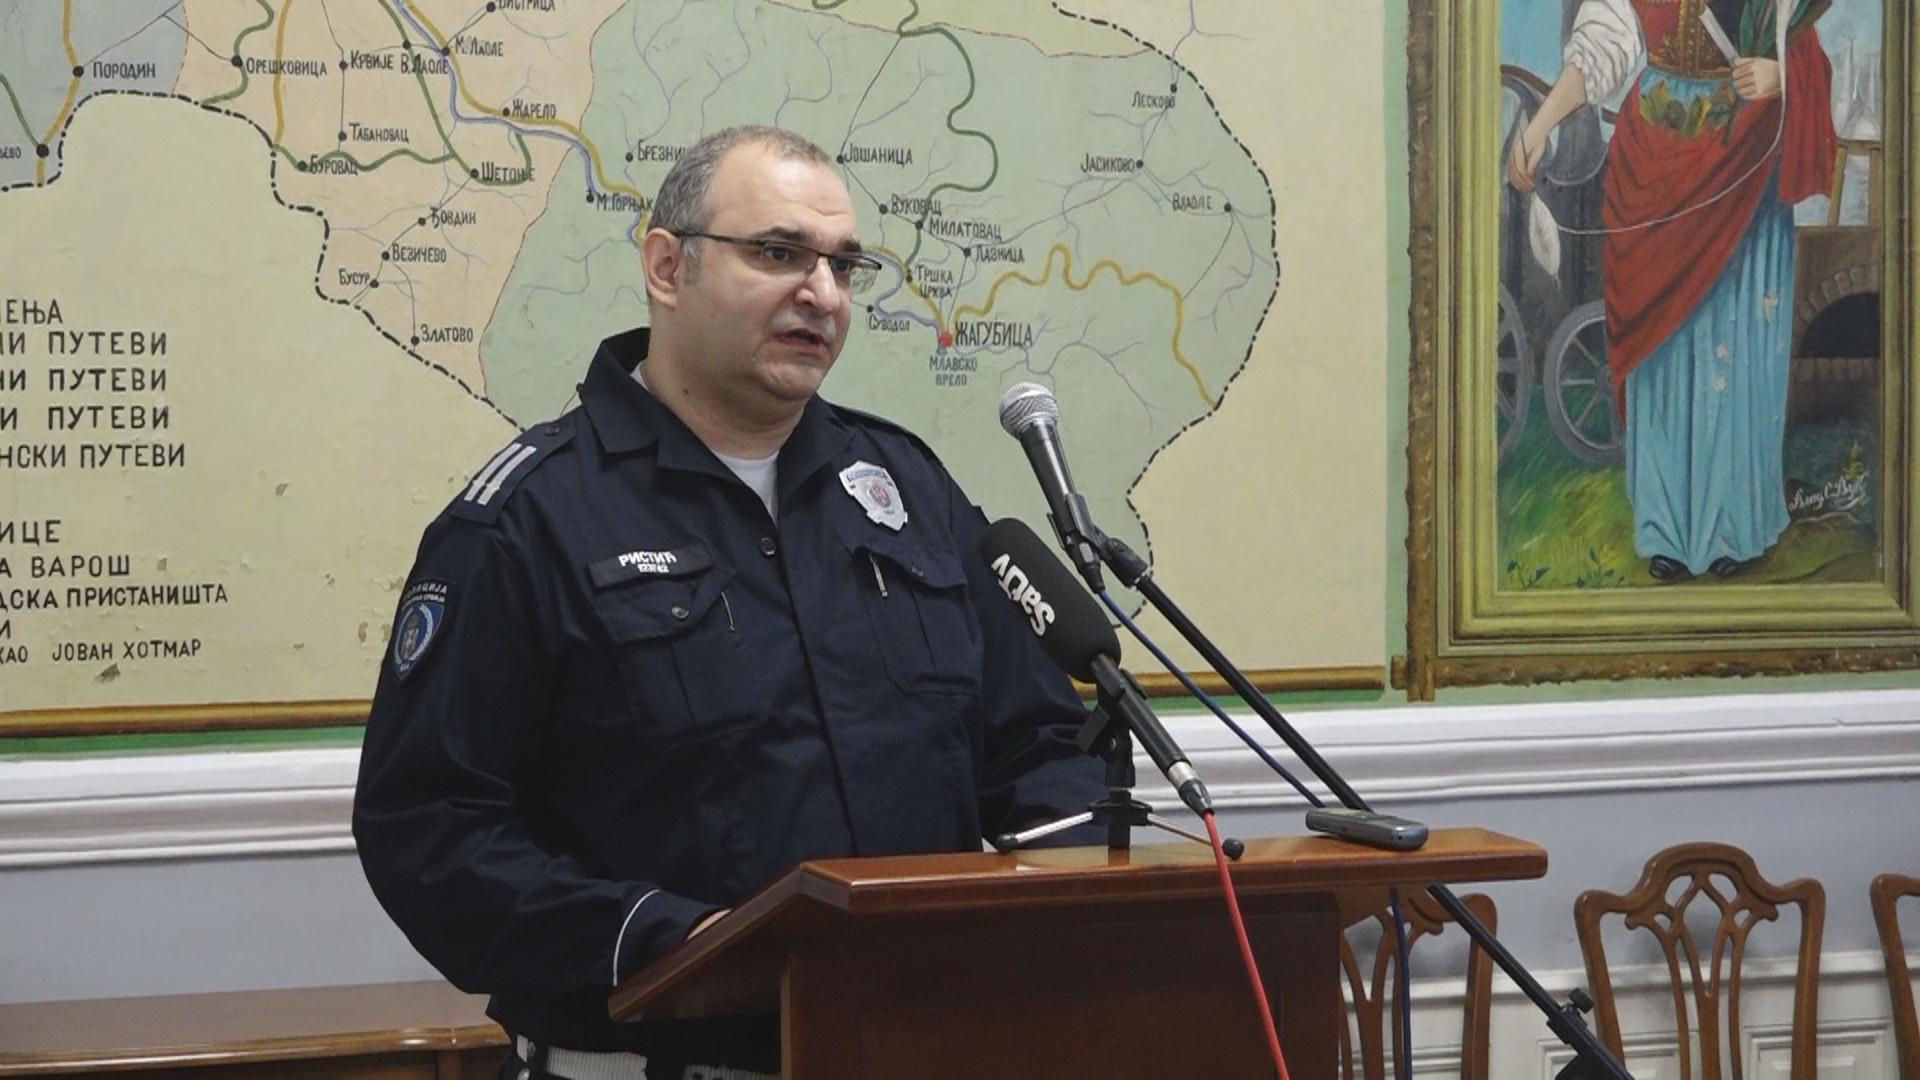 Uručene nagrade najboljim policajcima i vatrogascima sa teritorije Grada Požarevca 13170